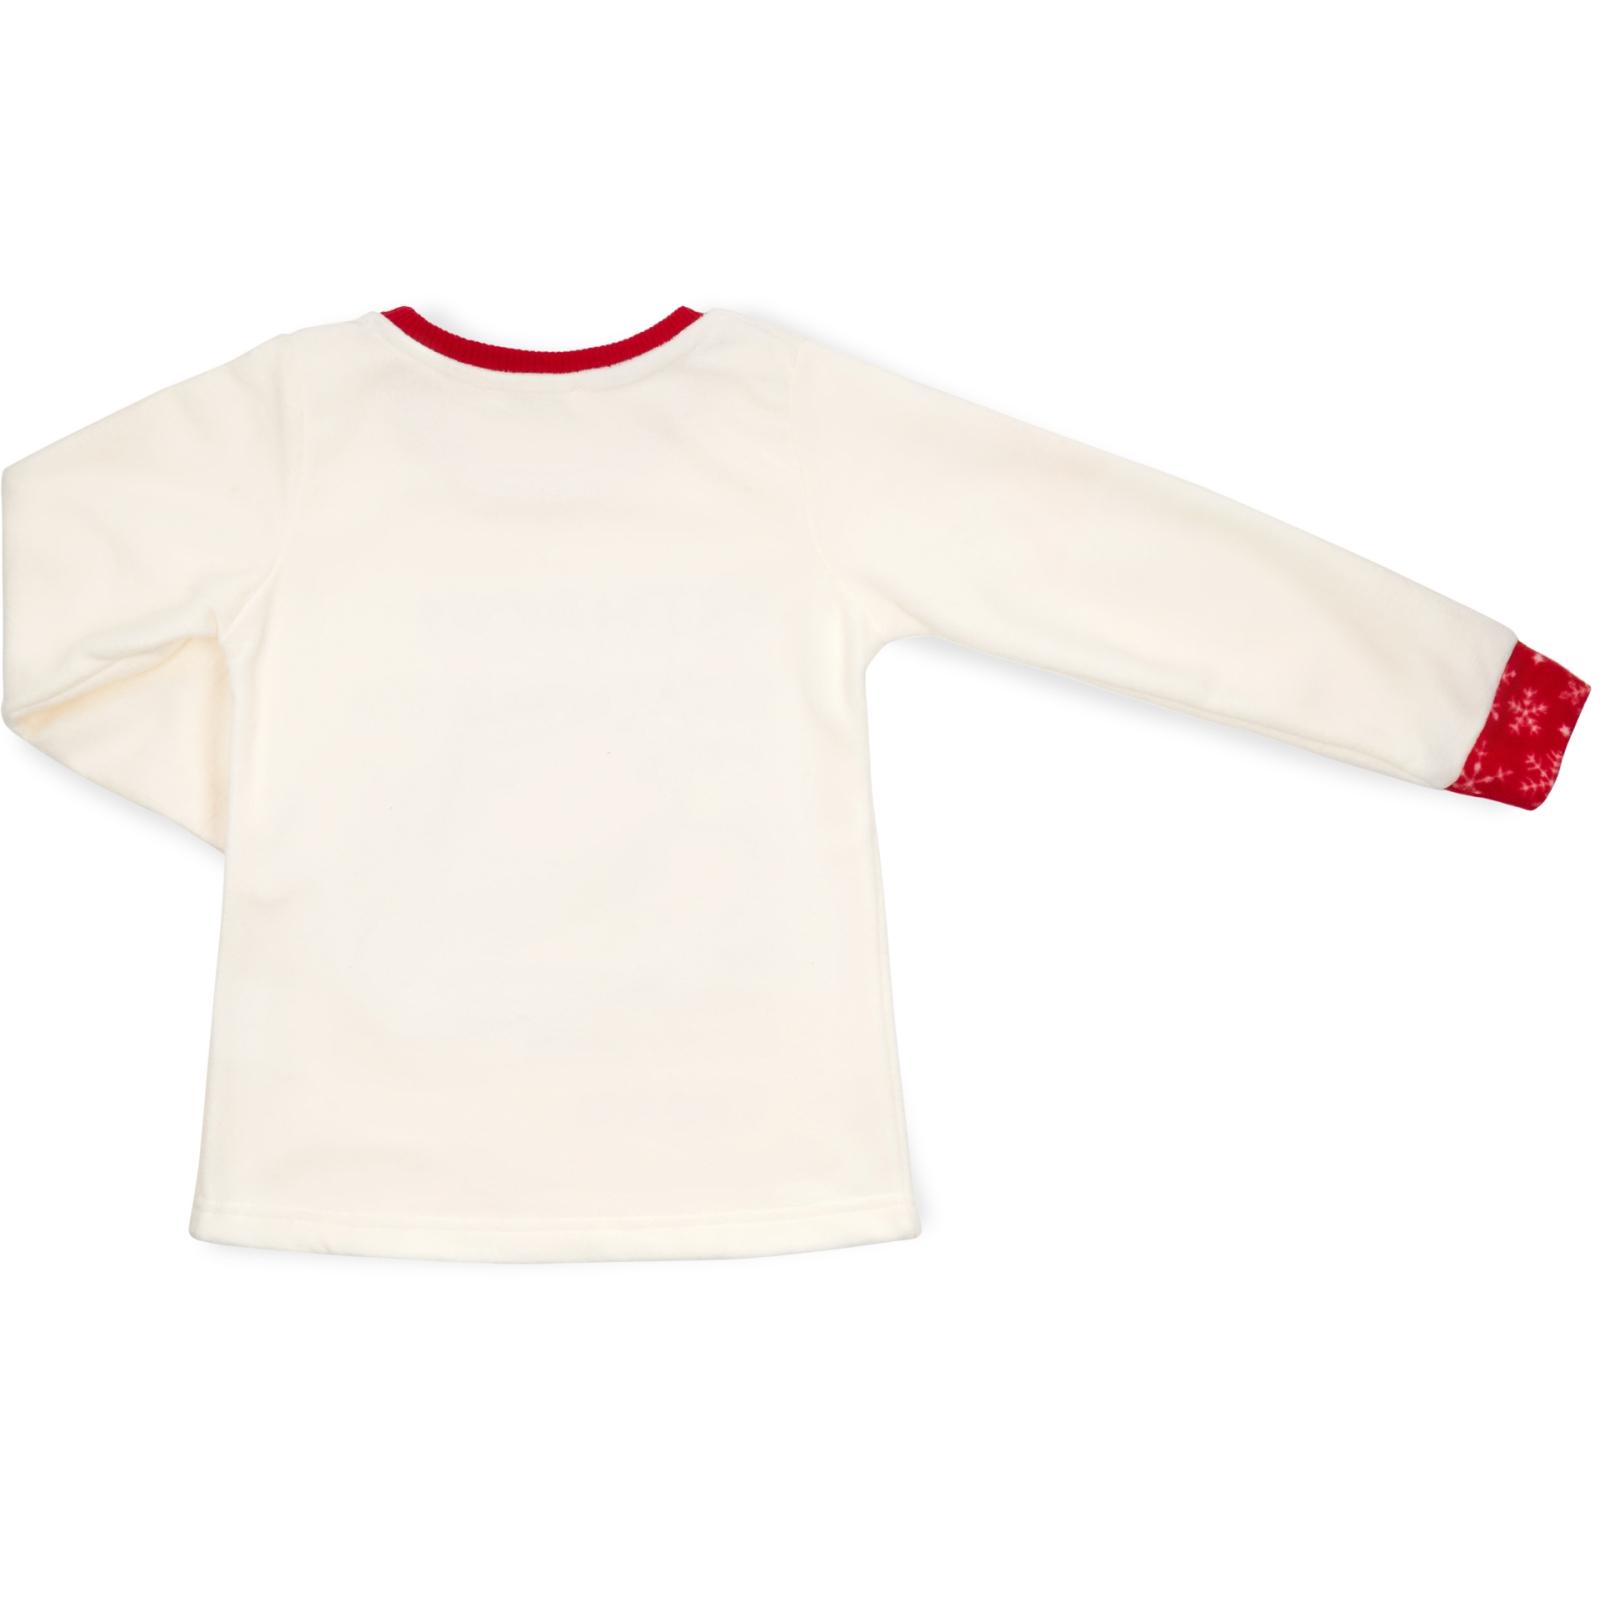 Пижама Matilda флисовая со шляпкой (9110-3-134G-red) изображение 5